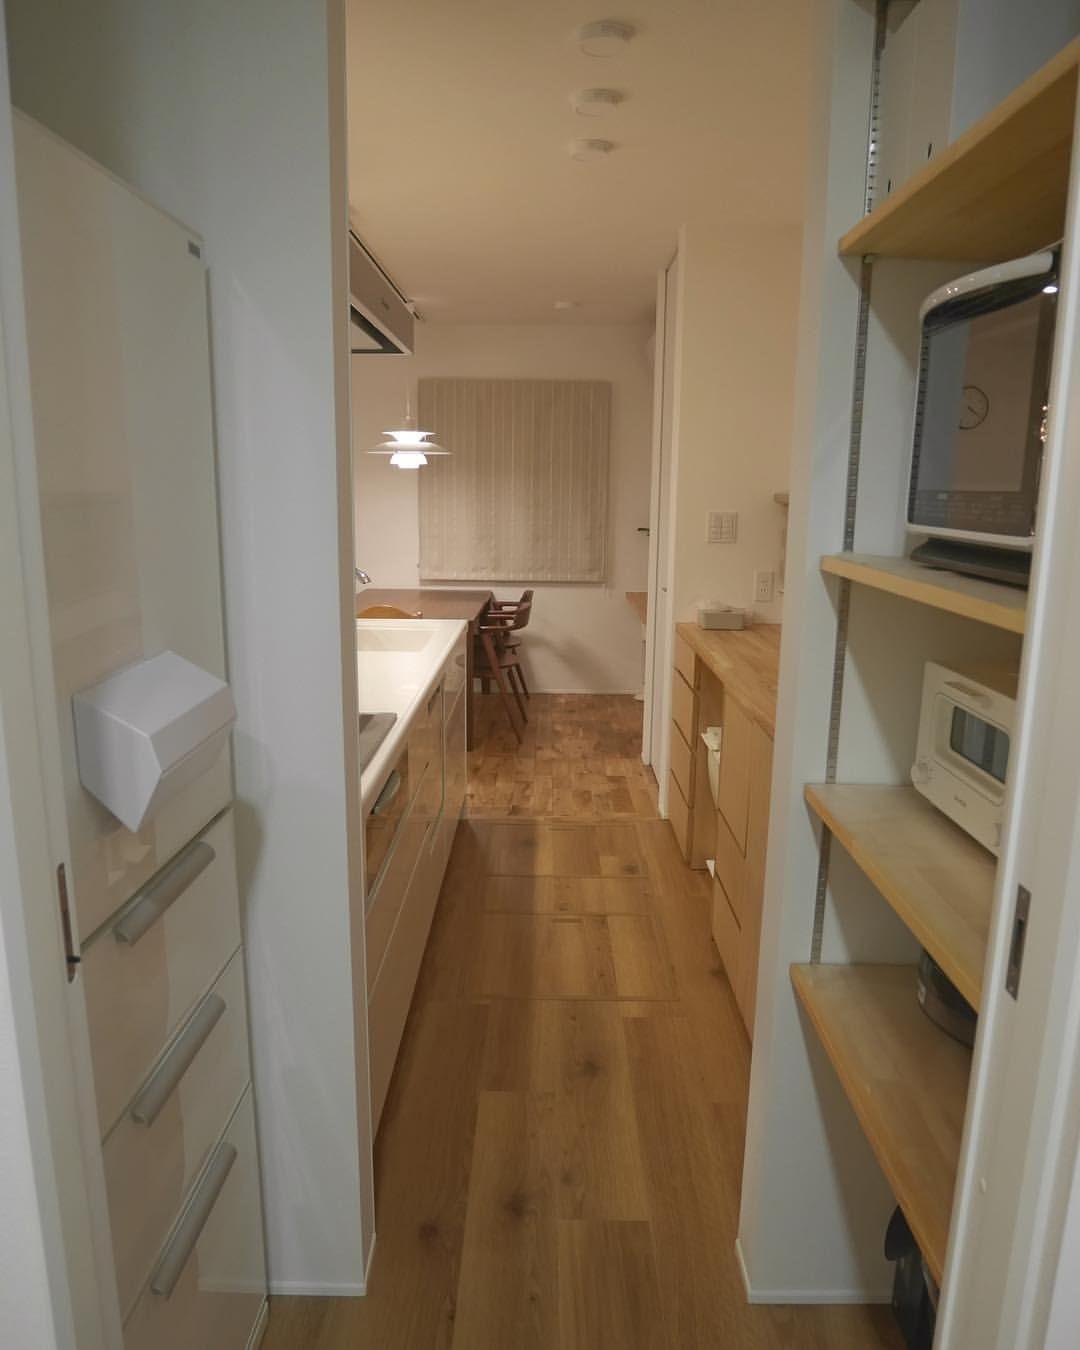 脱衣所からの眺め 家電収納棚 脱衣所の引き戸を開けると すぐに